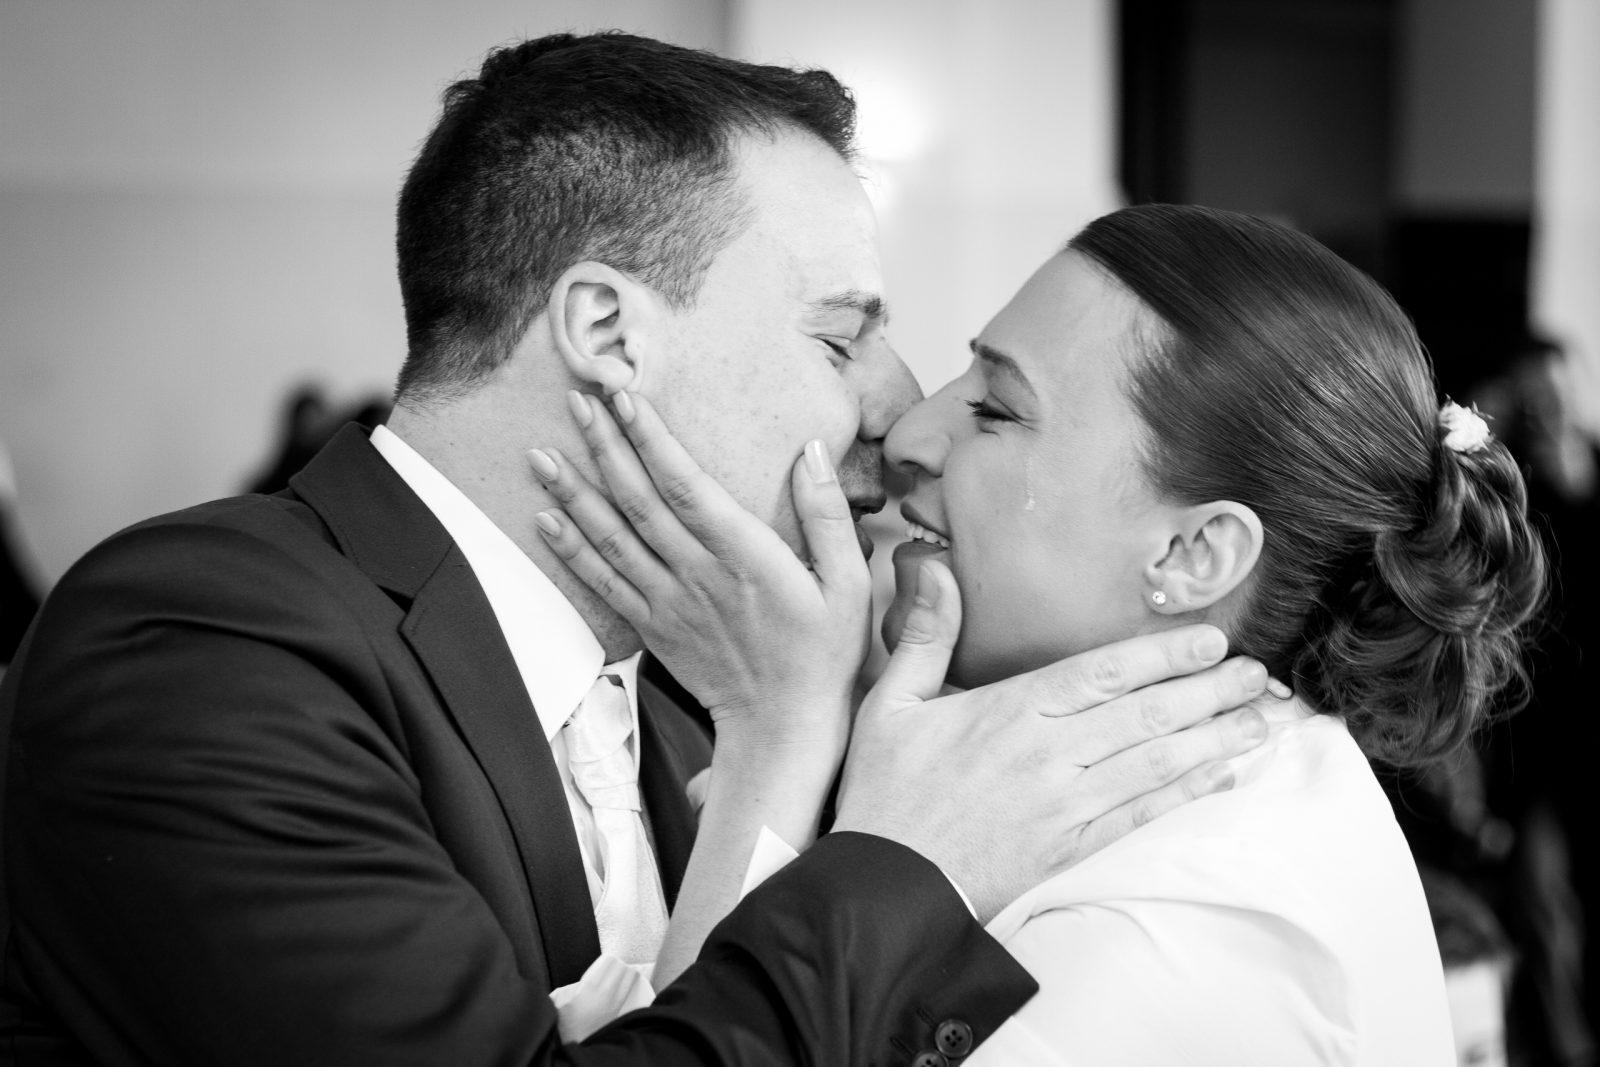 Hochzeitsreportage Dortmund Momentaufnahme in Schwarz-Weiß